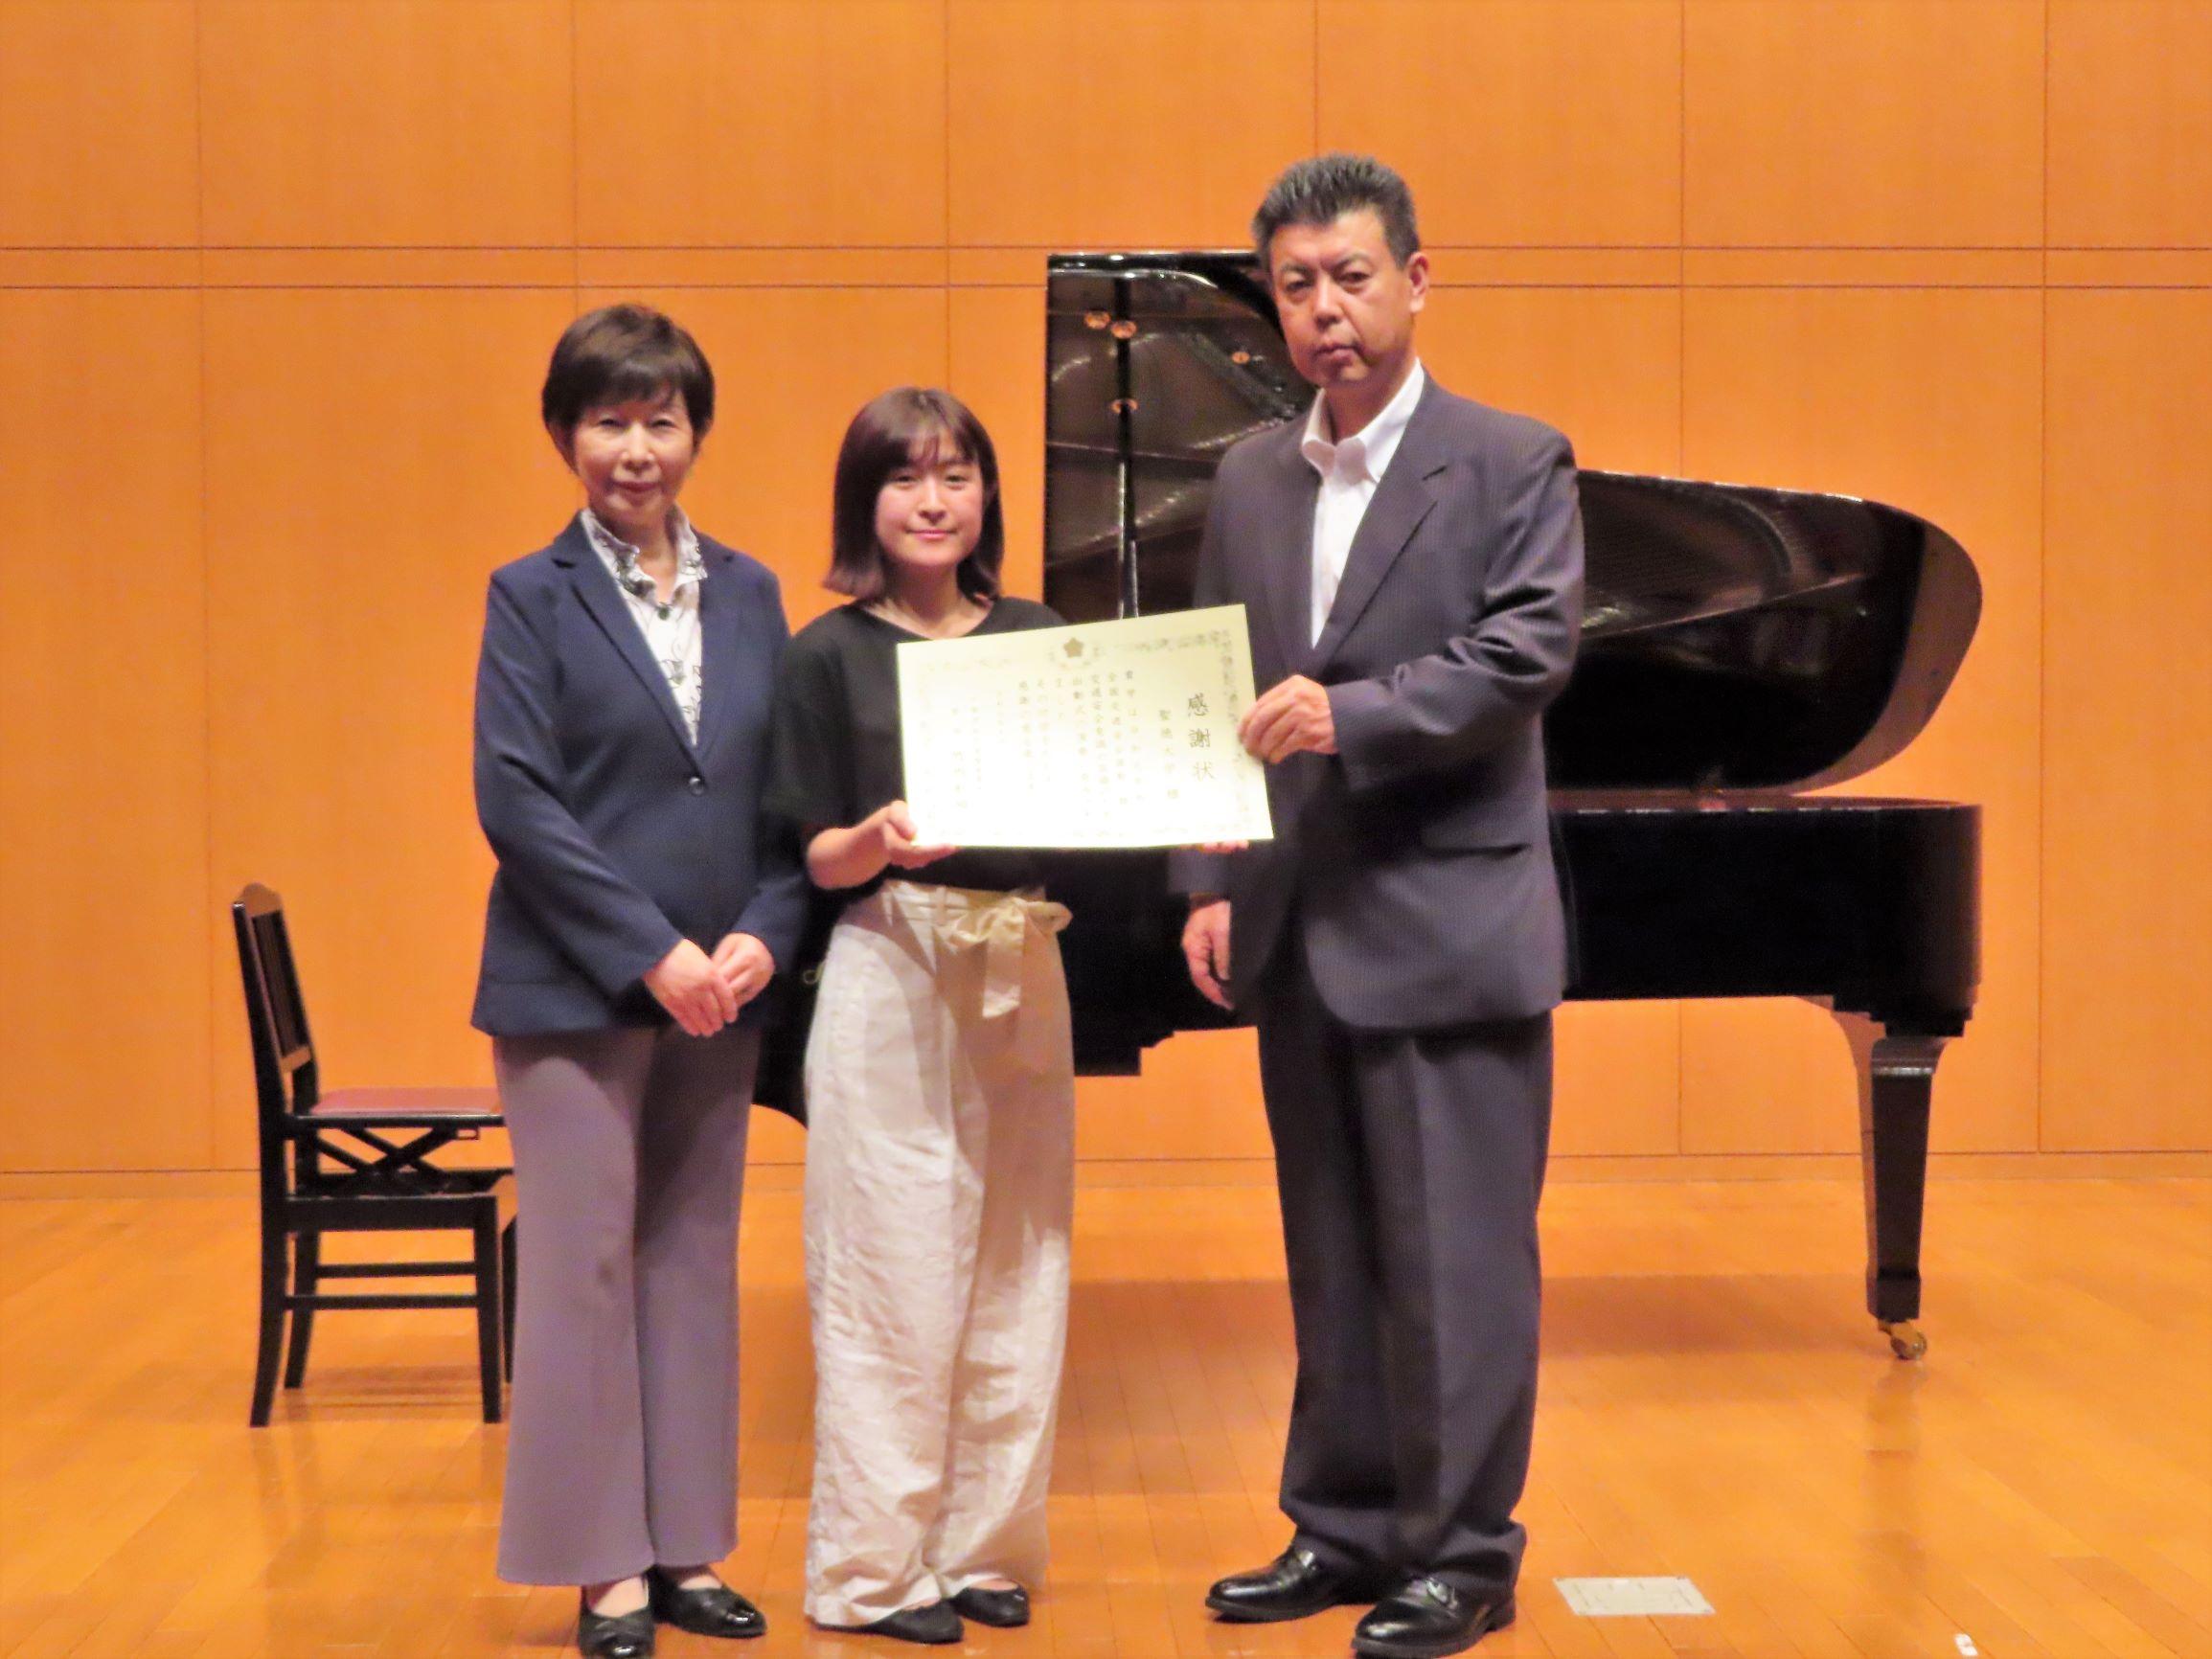 聖徳大学の音楽活動(吹奏楽)に対して感謝状が贈られました